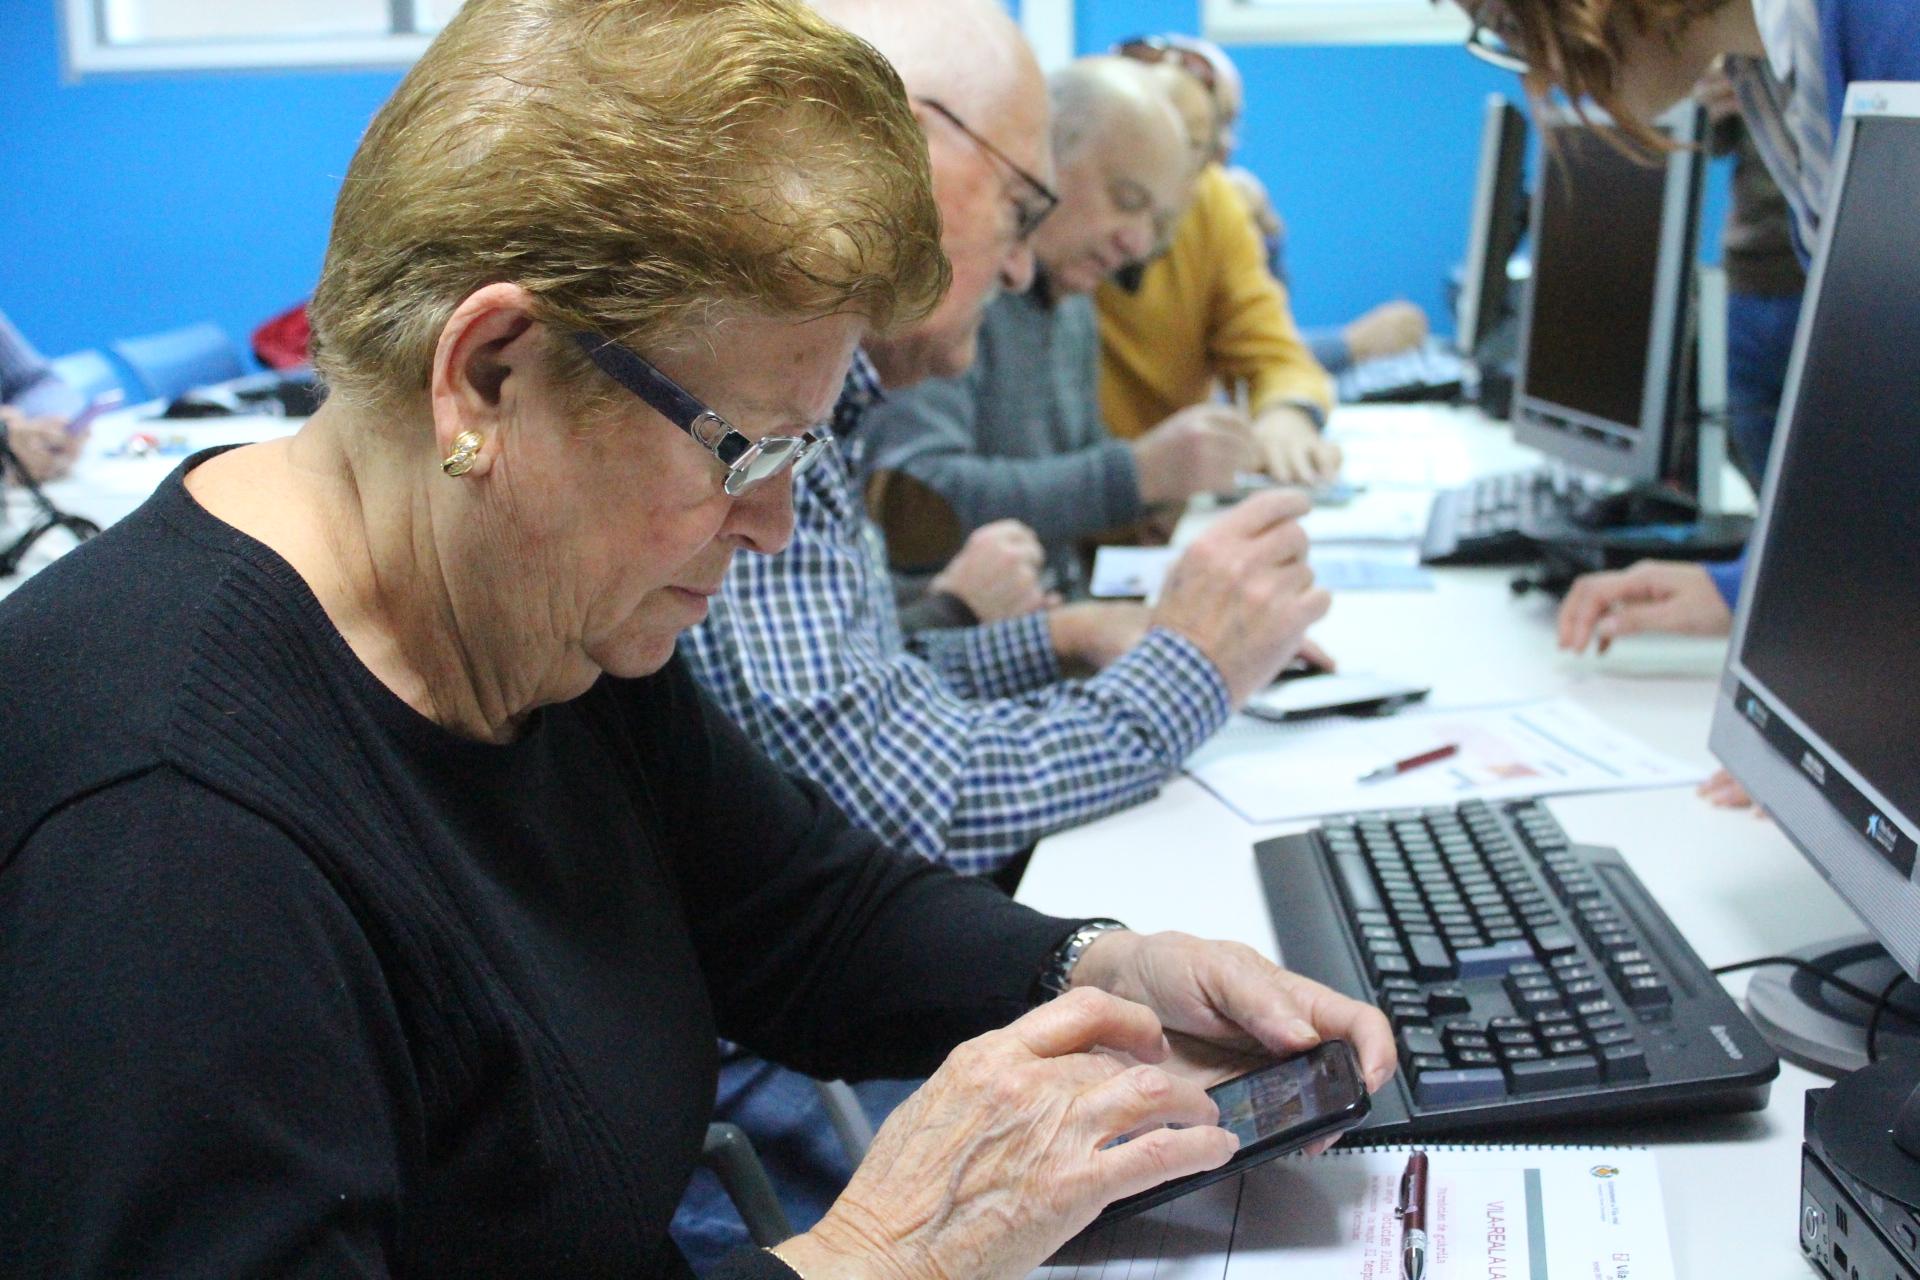 Vila-real acerca su aplicación móvil municipal a los vecinos